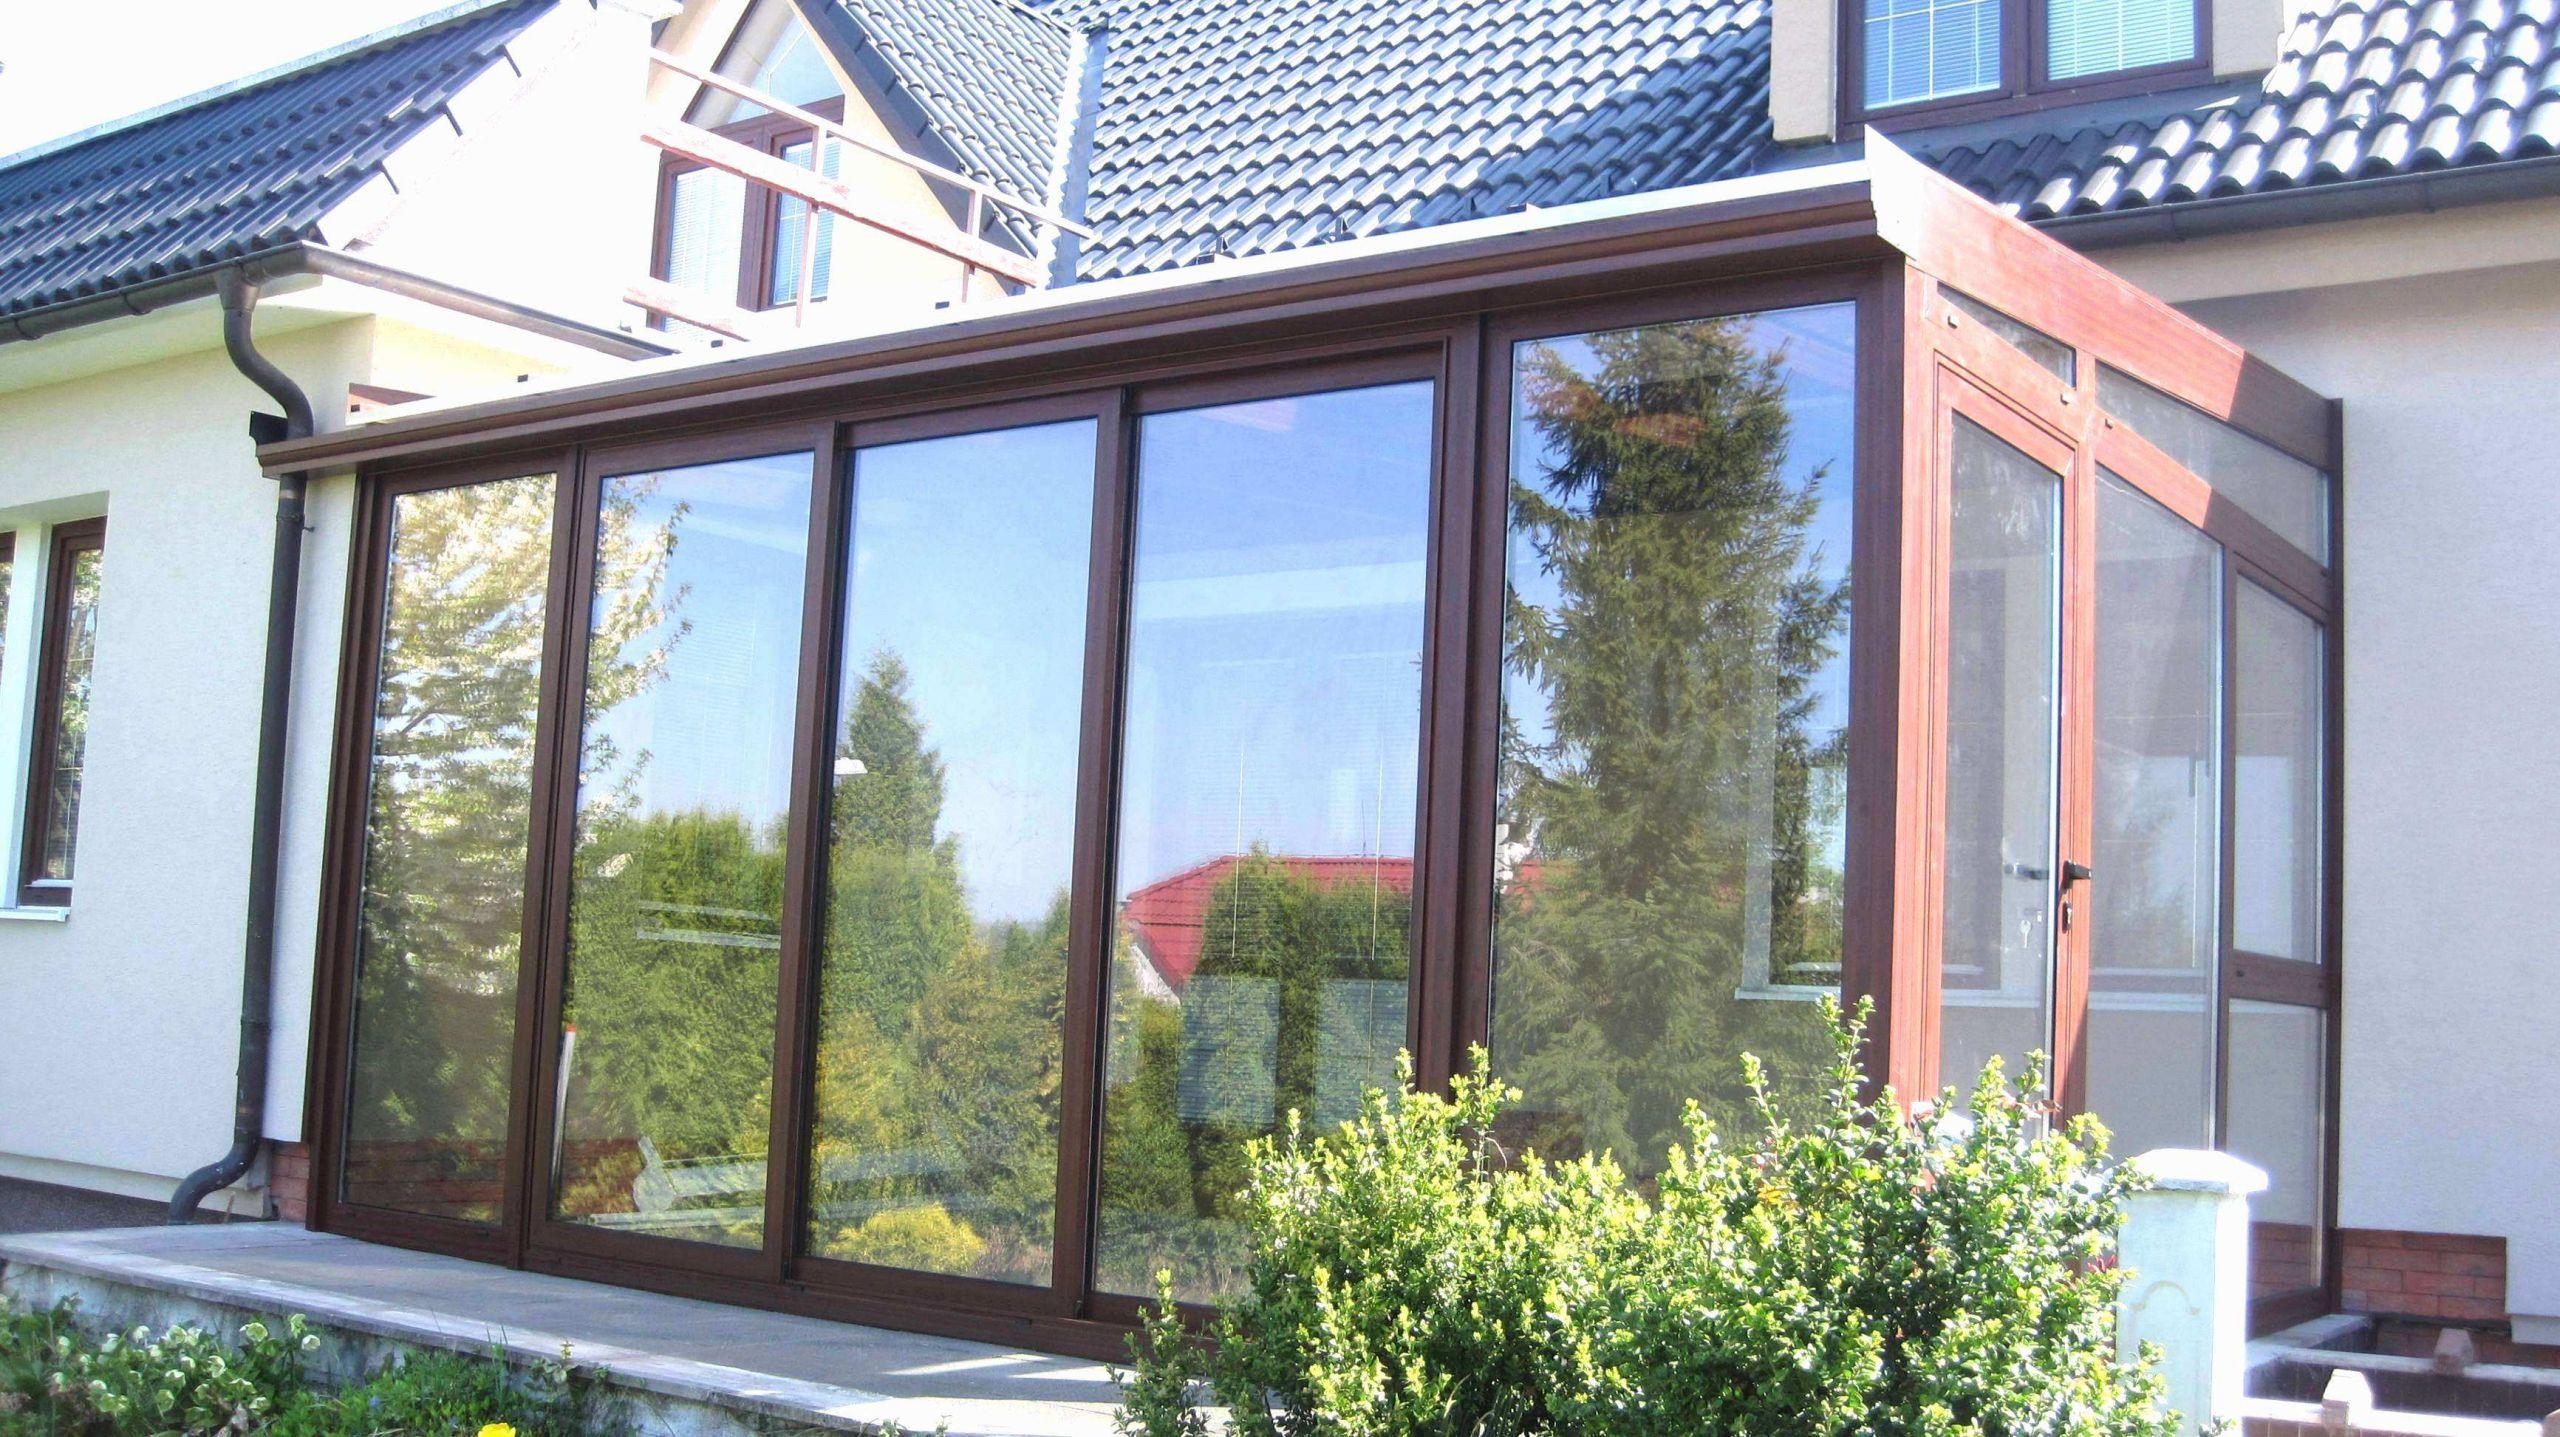 Garten Ideen Holz Genial Landhausstil Deko Holz Im Garten Schön Holz Wintergarten 0d